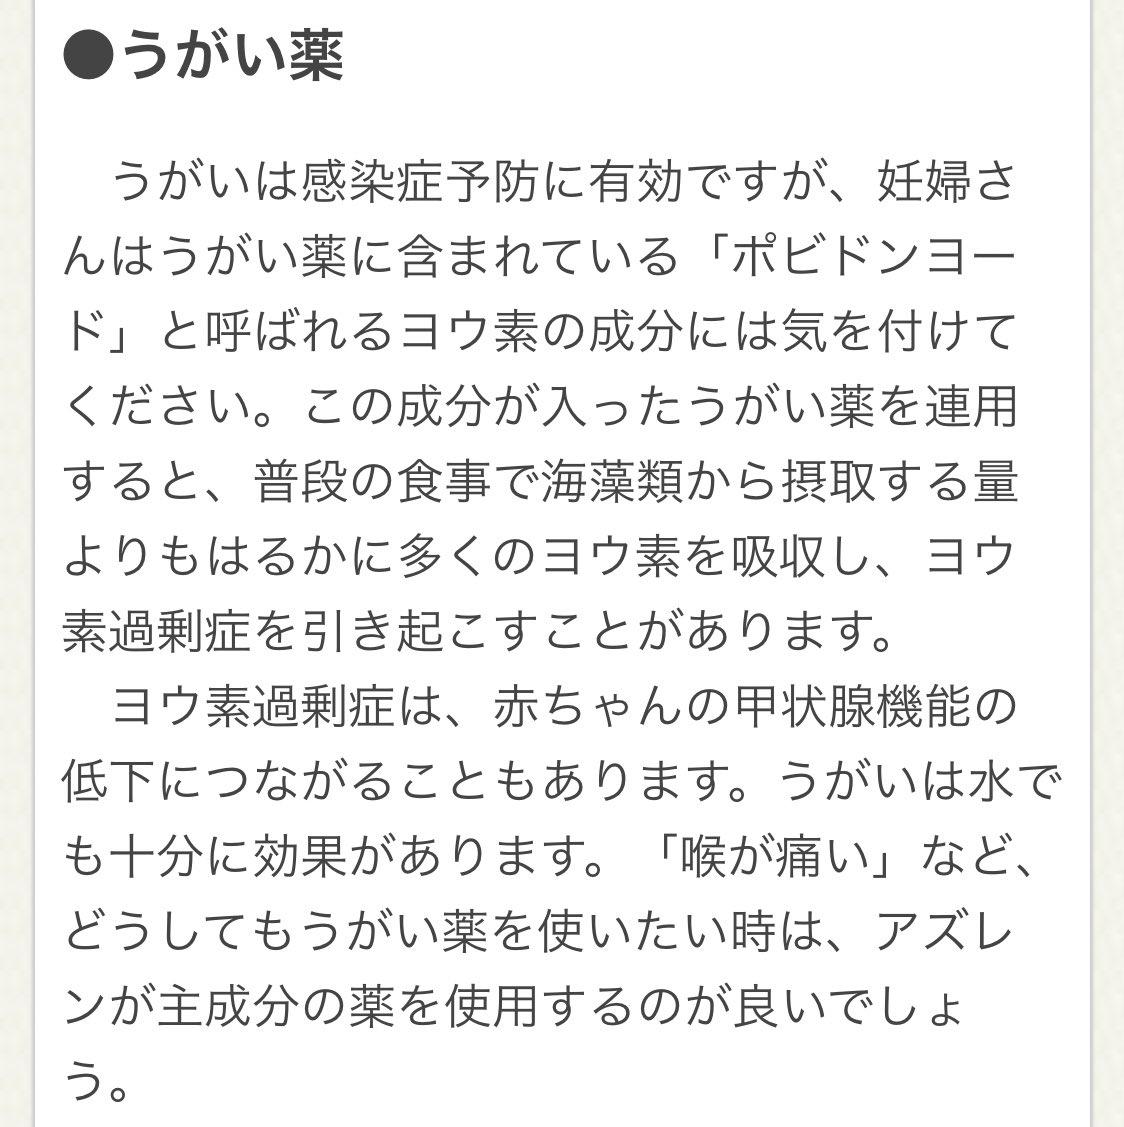 また無責任な話が大阪あたりから出てきたけど、ここは妊婦さんも多いからお知らせしとくね。妊婦さんはポピヨンヨード(主な商品名イソジン)は避けてね。コロナが不安でも飛びついちゃダメよ。薬局のおばちゃんとのお約束ね。